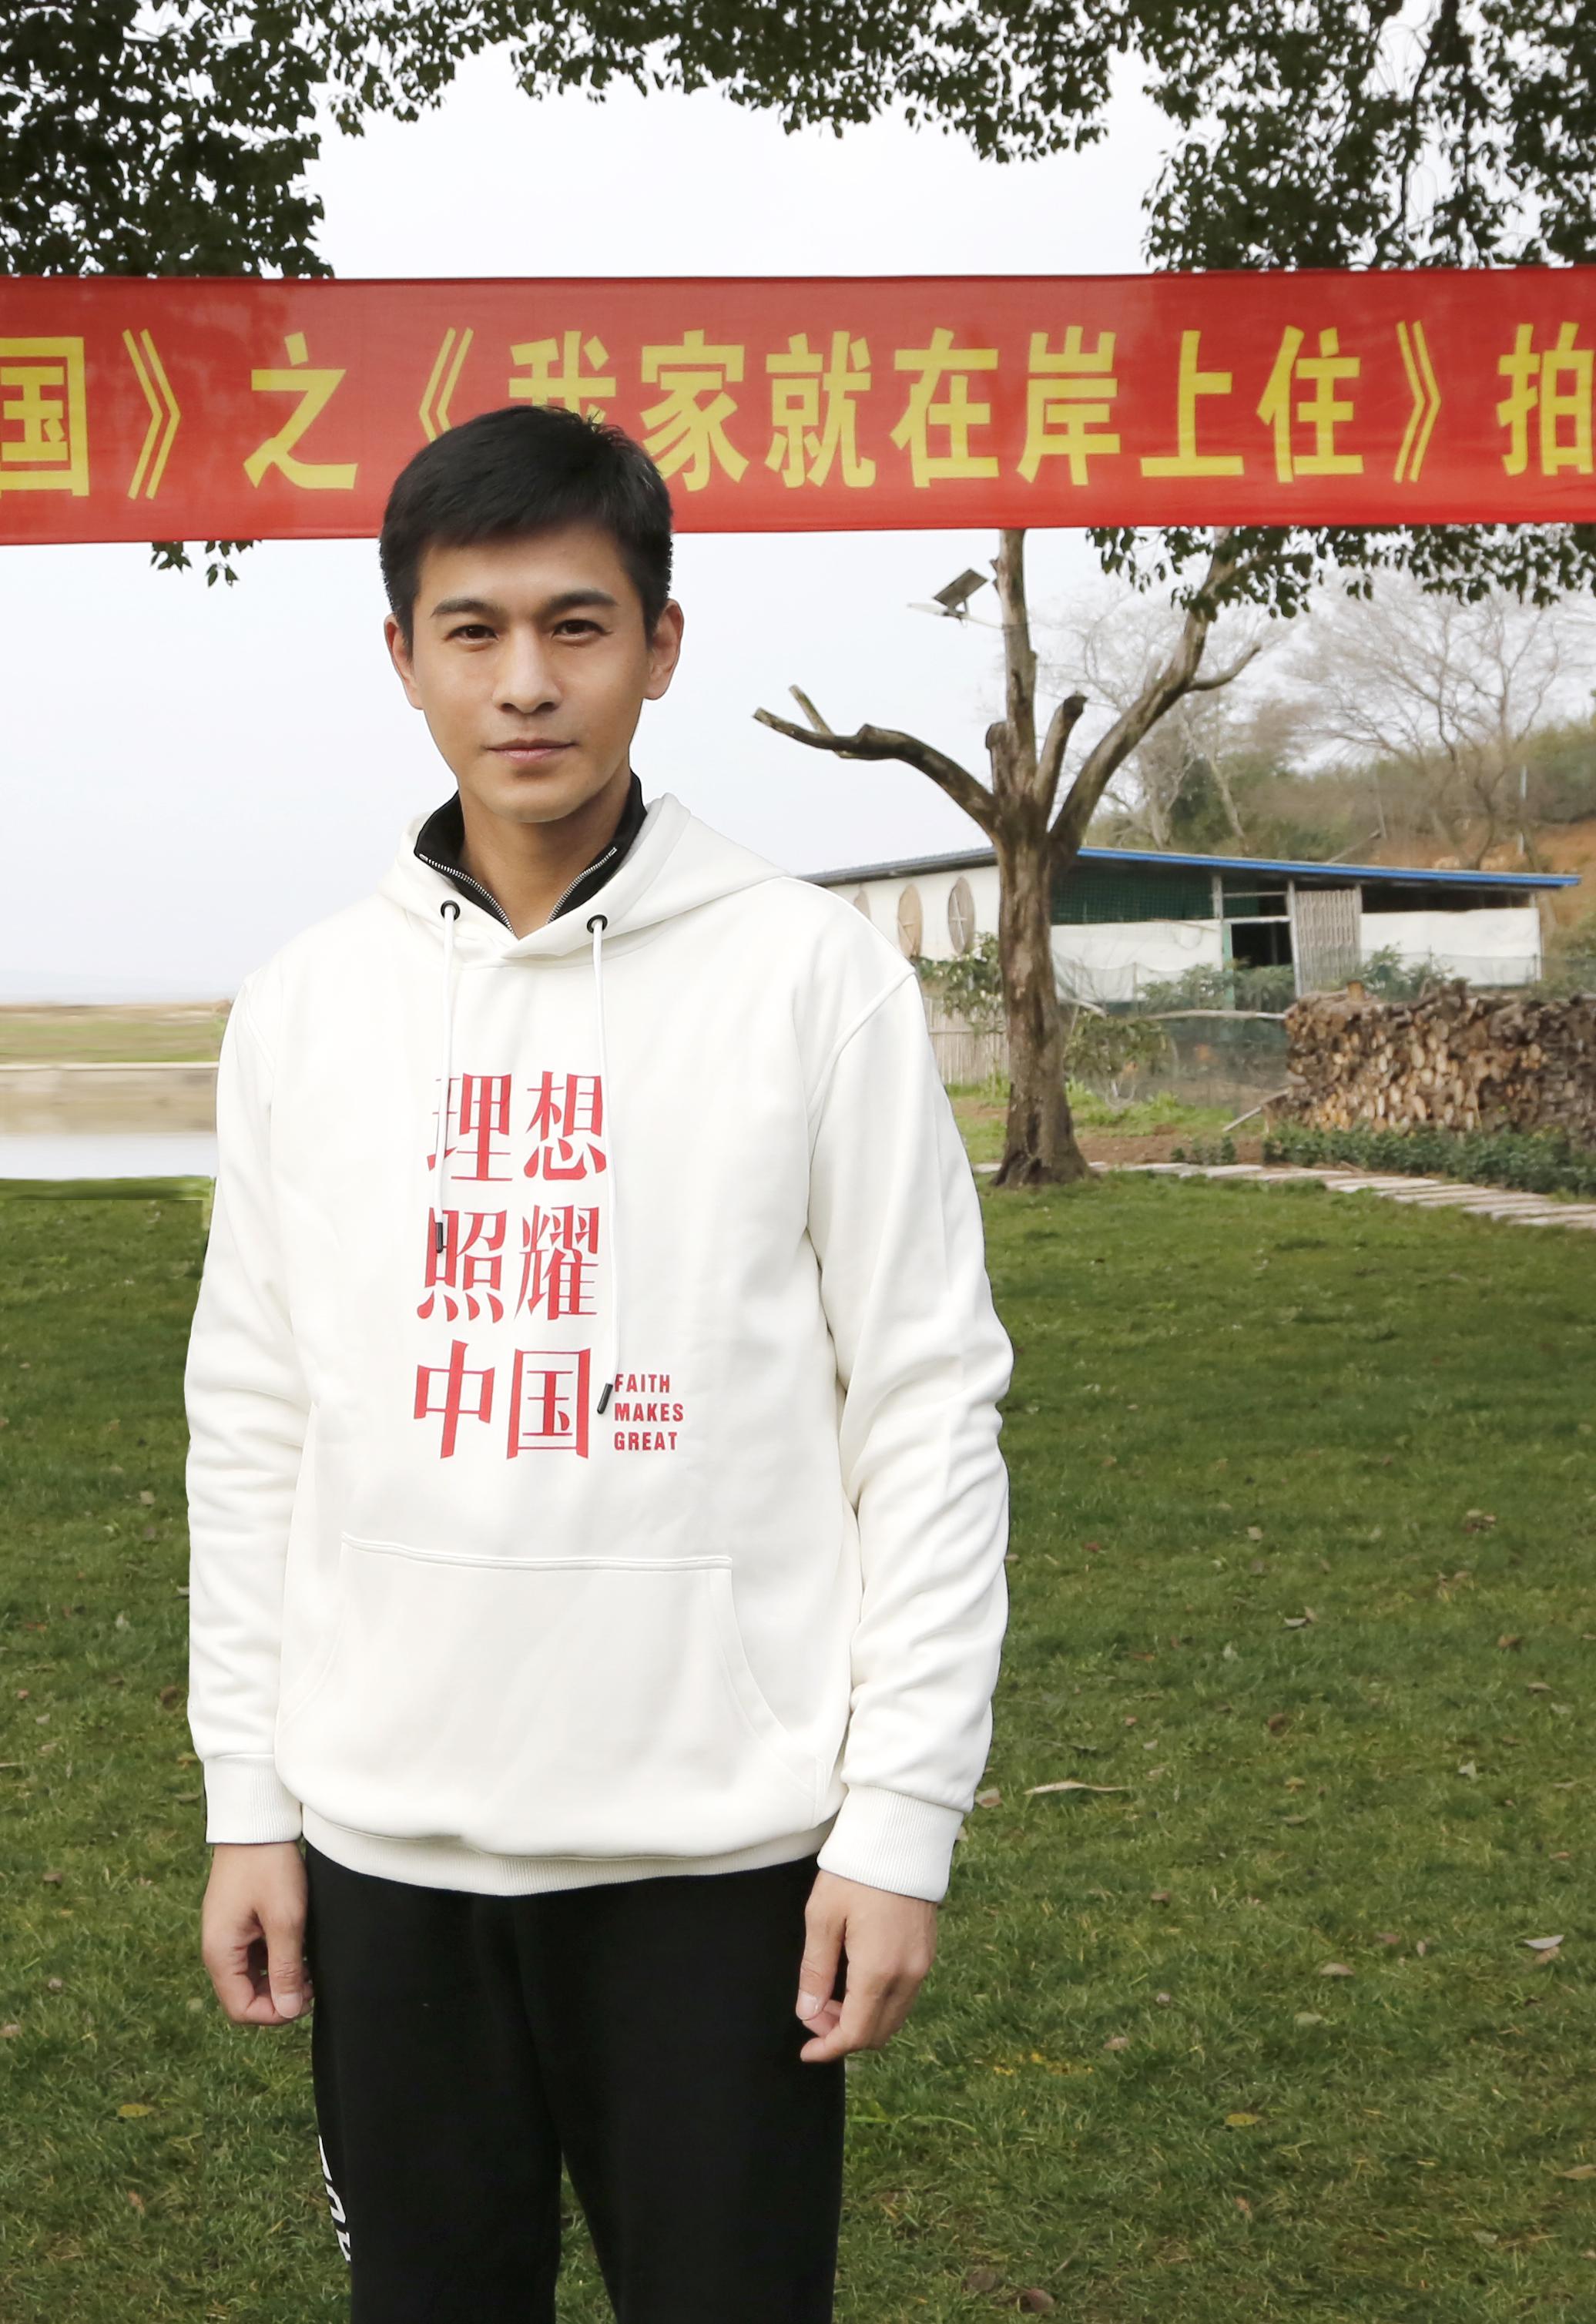 《理想照耀中国》震撼开机 乔振宇又来洗眼逆龄颜值太好磕